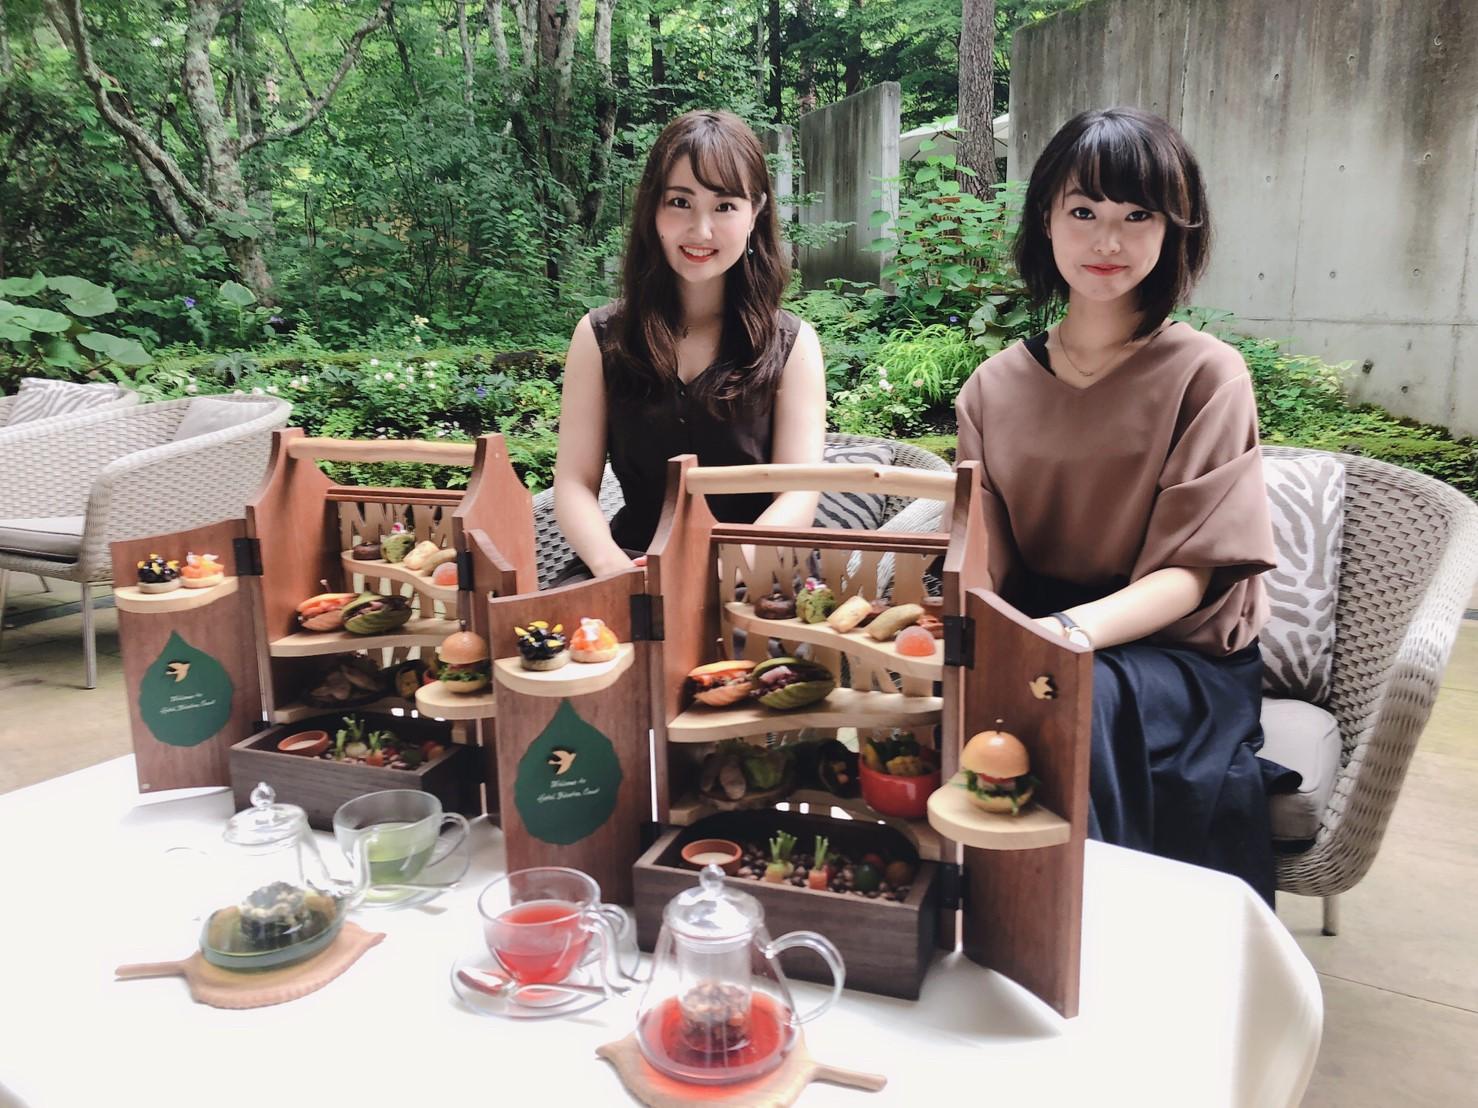 【軽井沢星野エリア滞在レポート】たくさんの緑に囲まれて、幻想的で素敵な夏を**_1